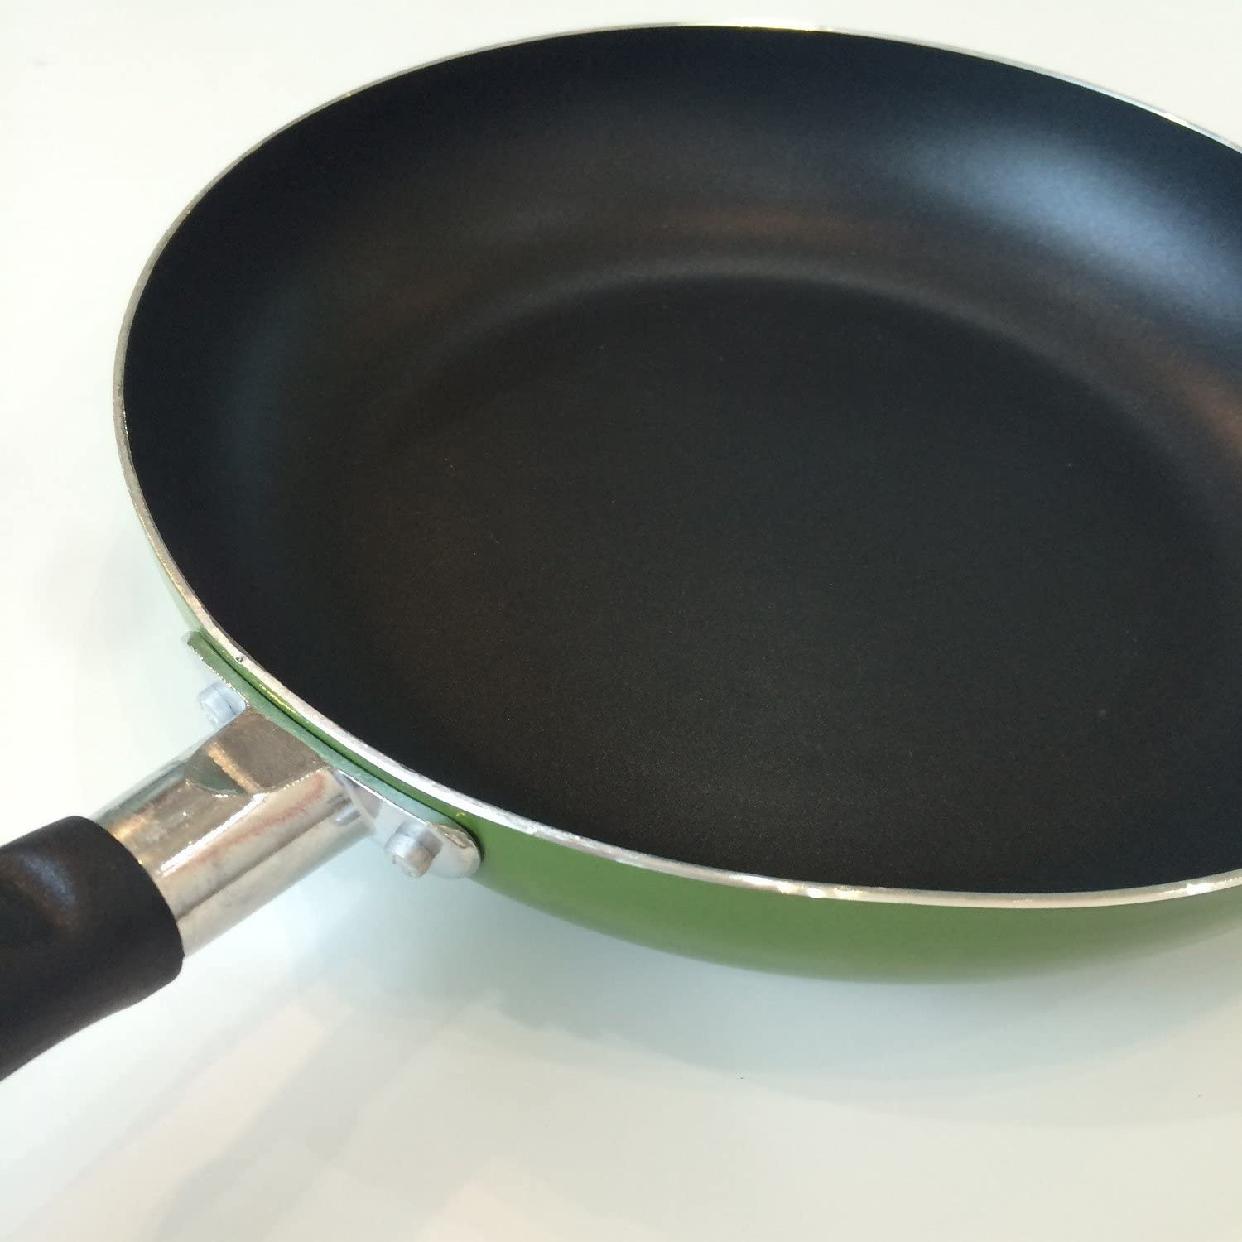 パール金属(PEARL) フォア フライパン 24cm IH対応 H-1861 グリーンの商品画像2